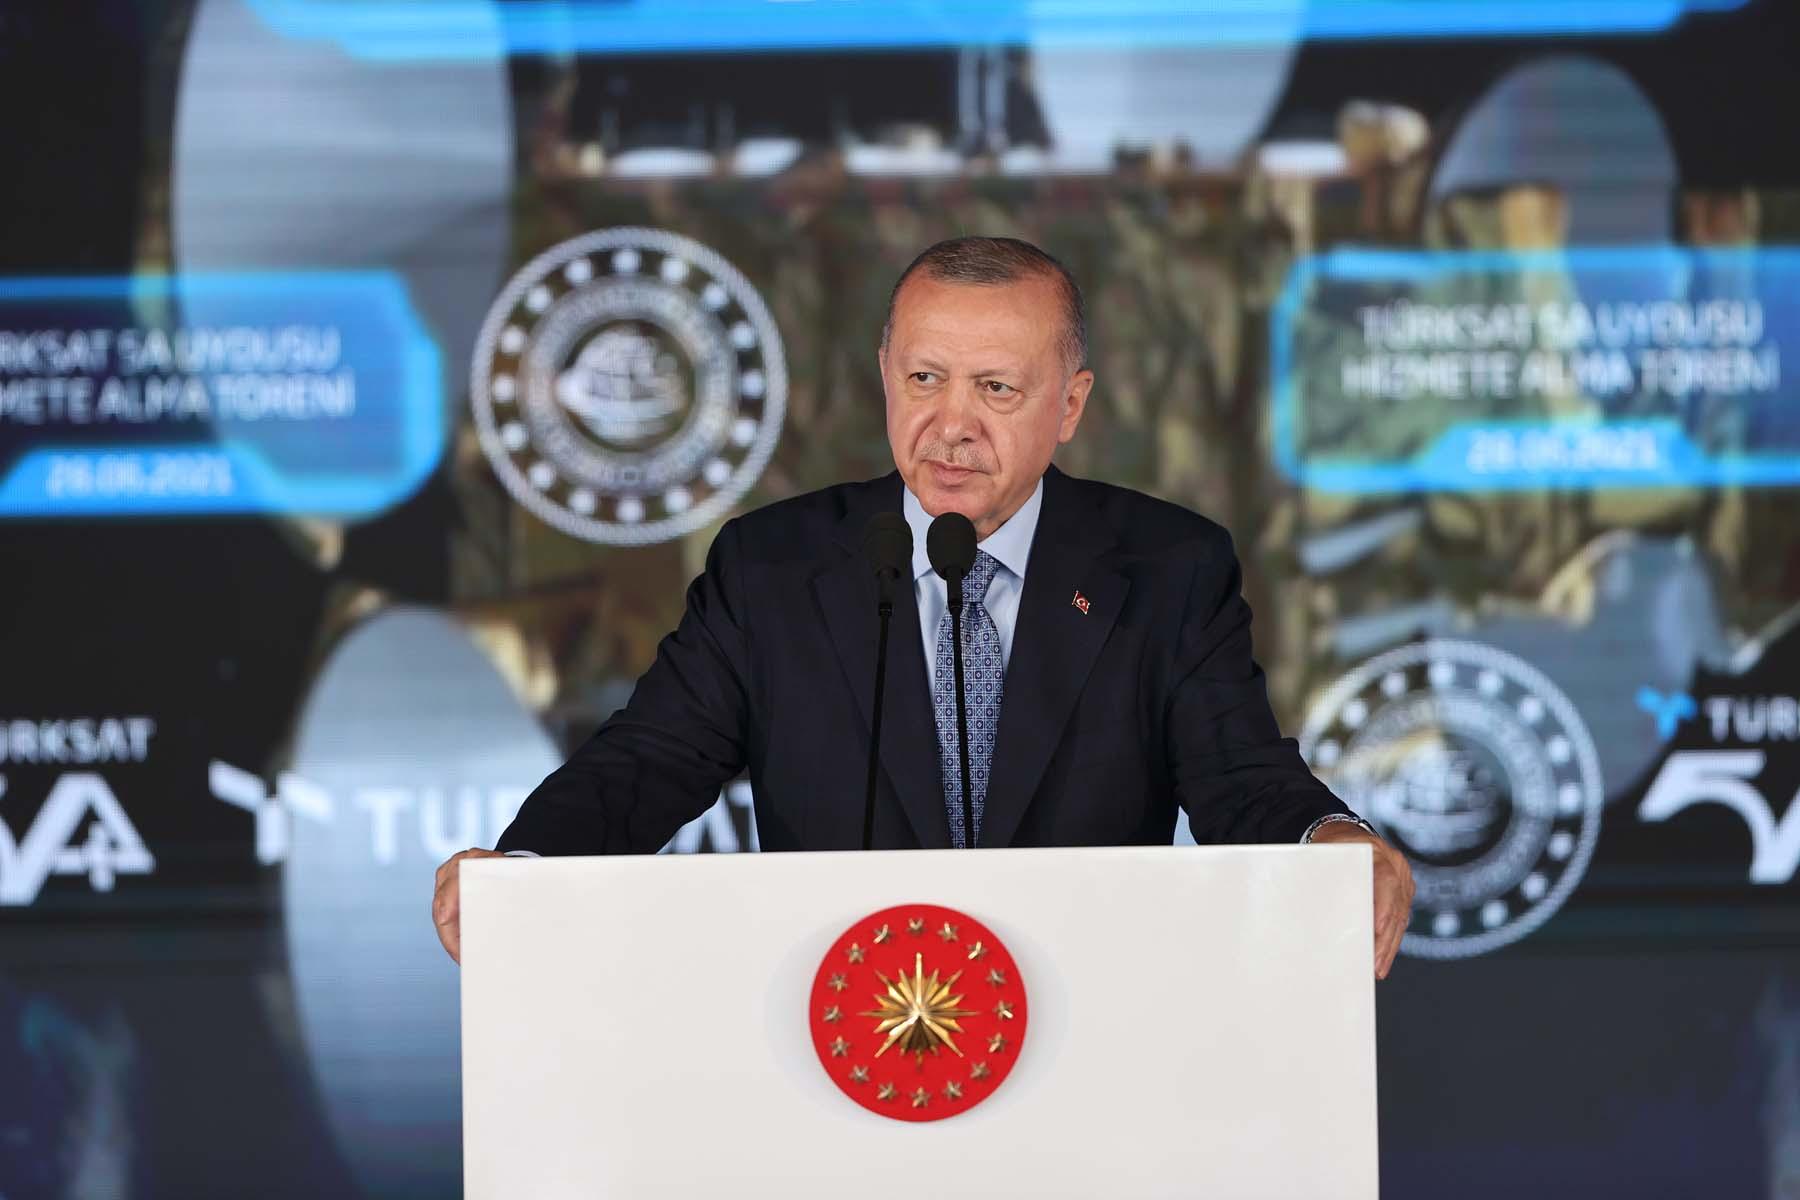 TÜRKSAT 5A uydusu göreve başladı! Cumhurbaşkanı Erdoğan dan hizmete alma töreninde önemli açıklamalar